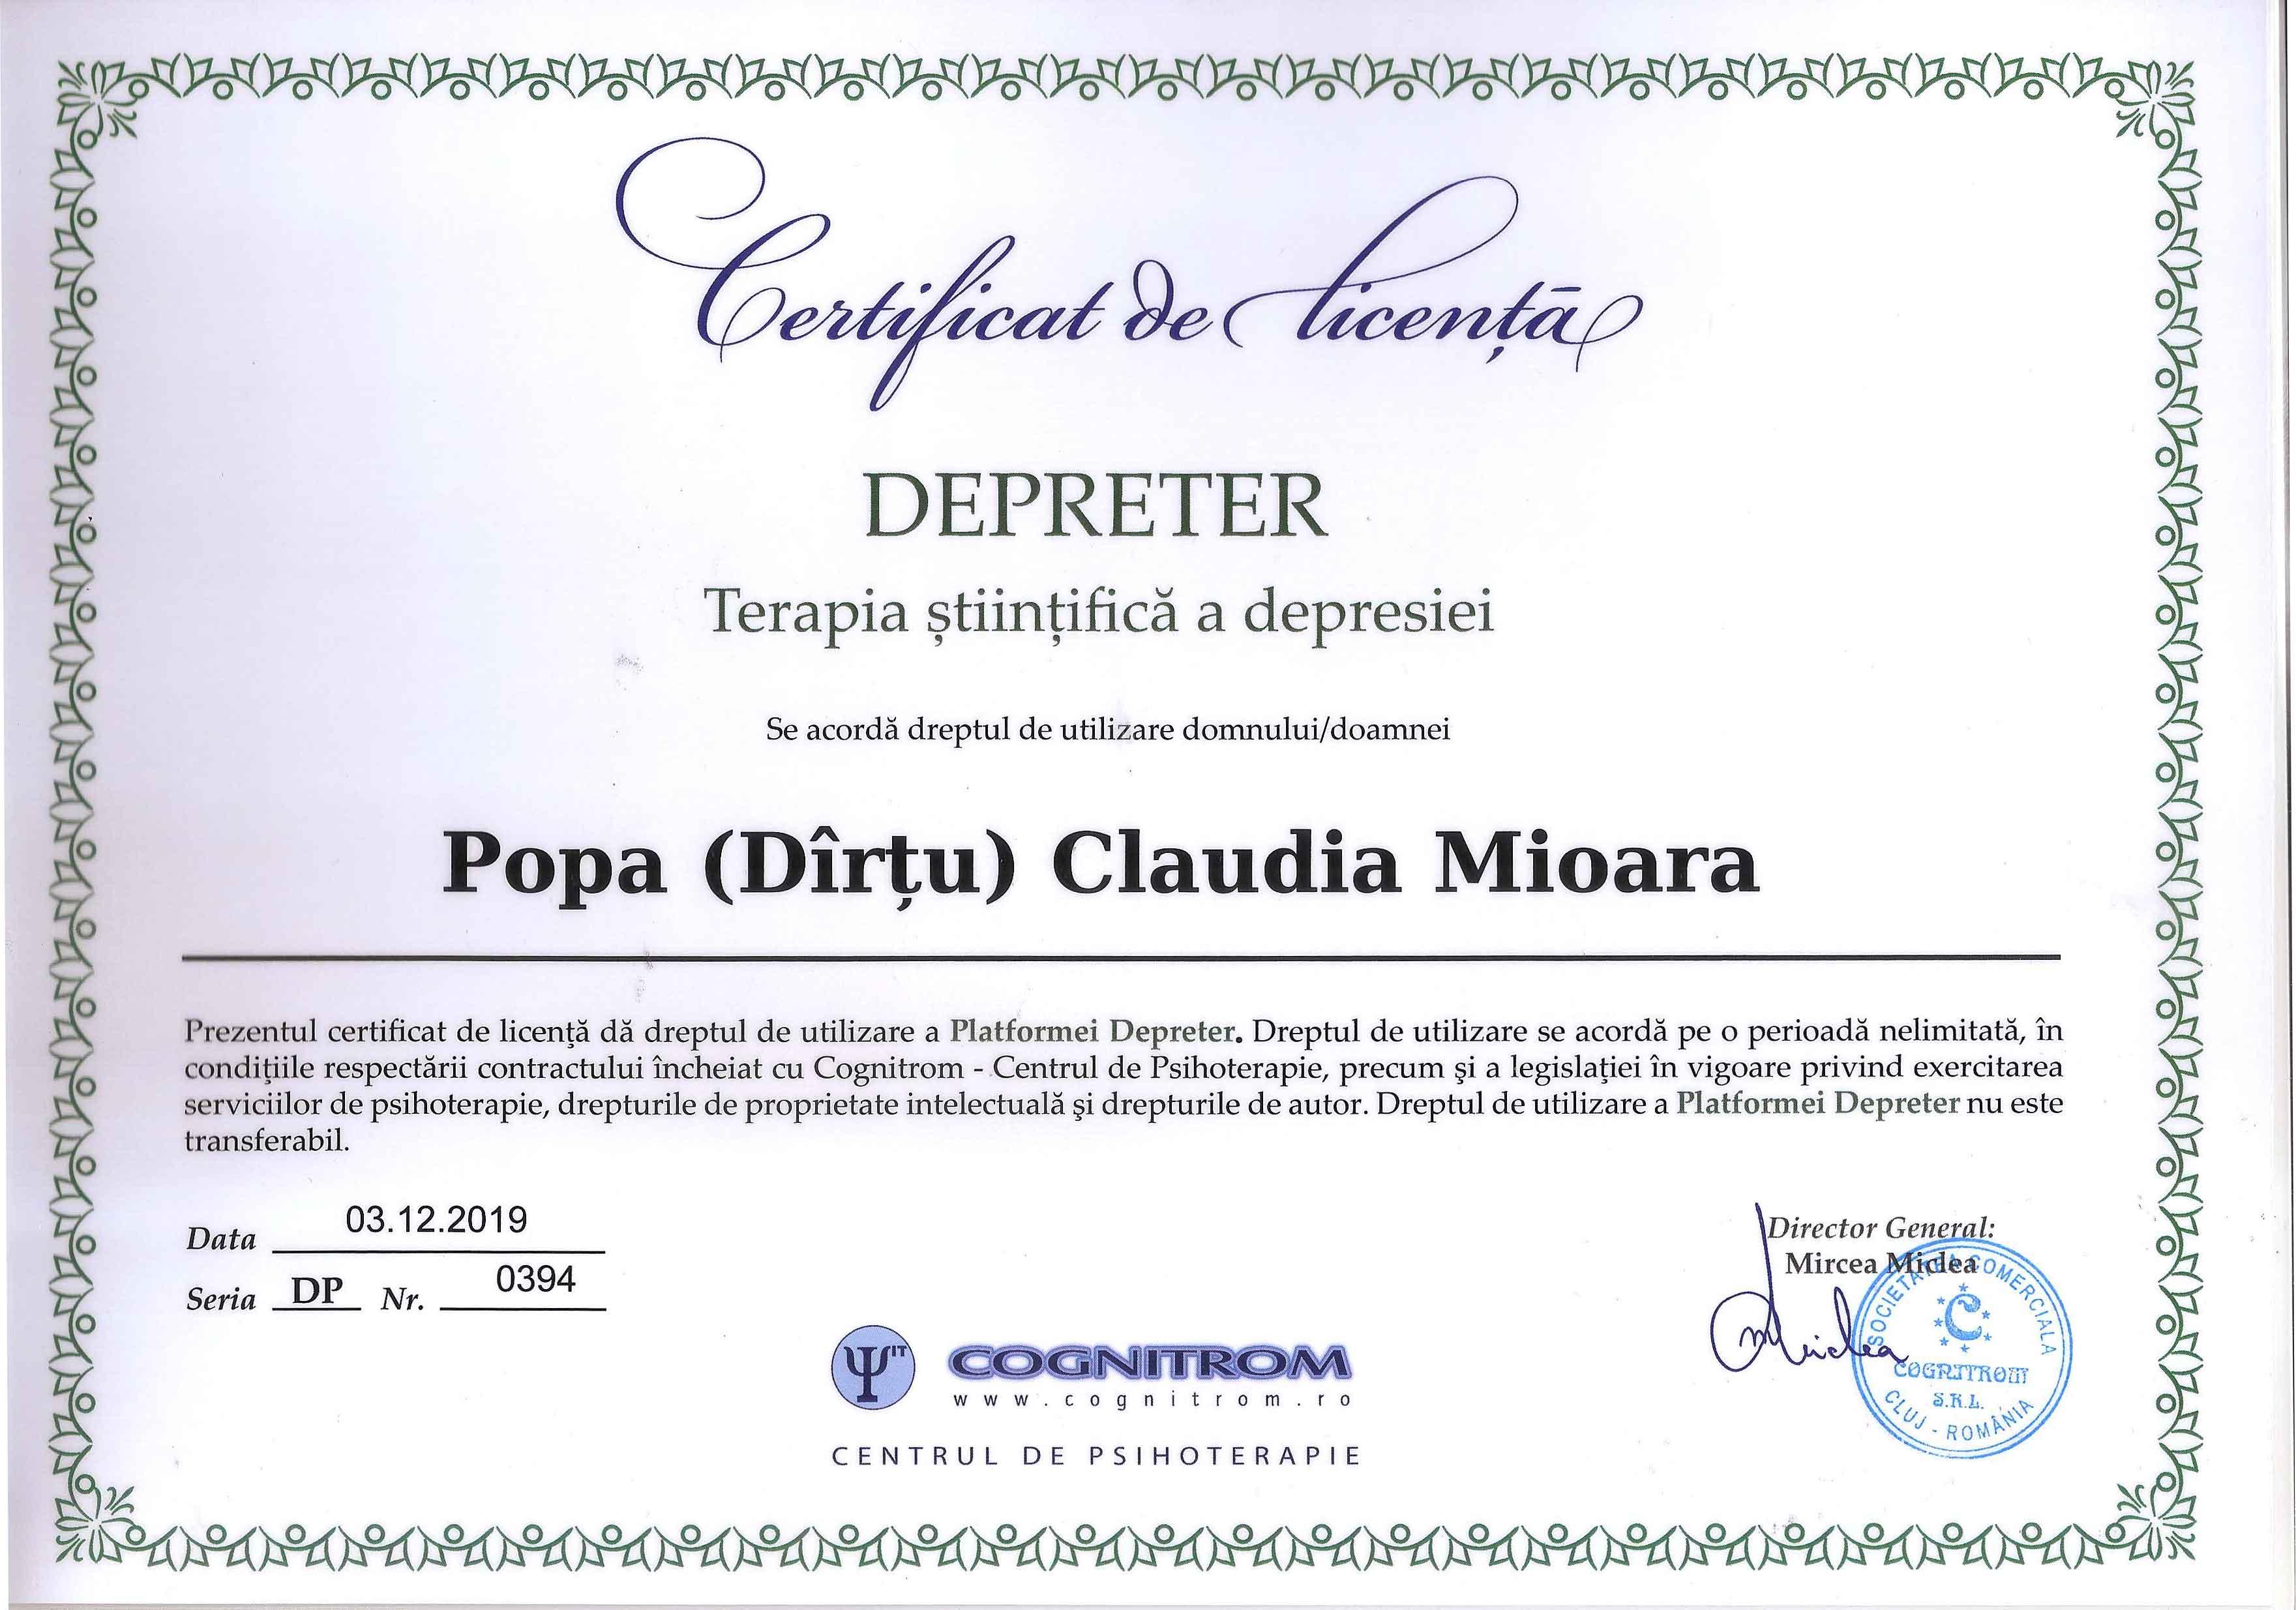 Certificat de licenta Depreter Terapia stiintifica a depresiei Popa Claudia Mioara